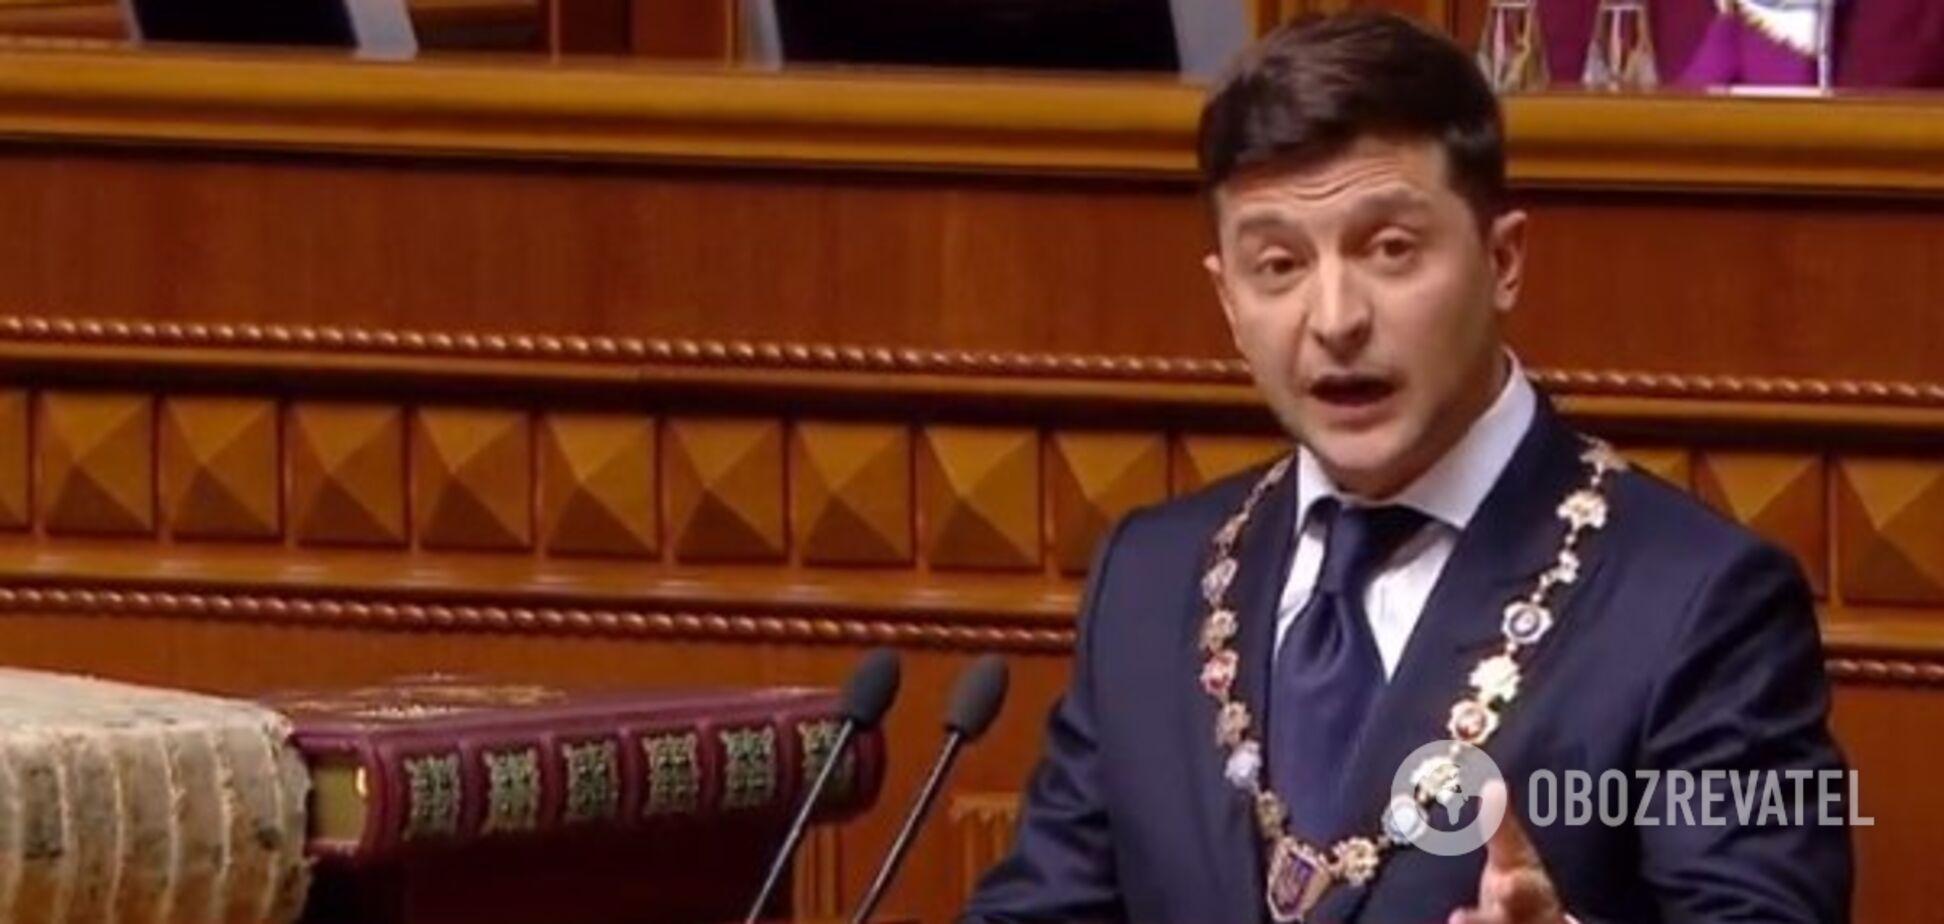 'Смотрите в глаза!' Зеленский запретил свои портреты в кабинетах украинских чиновников